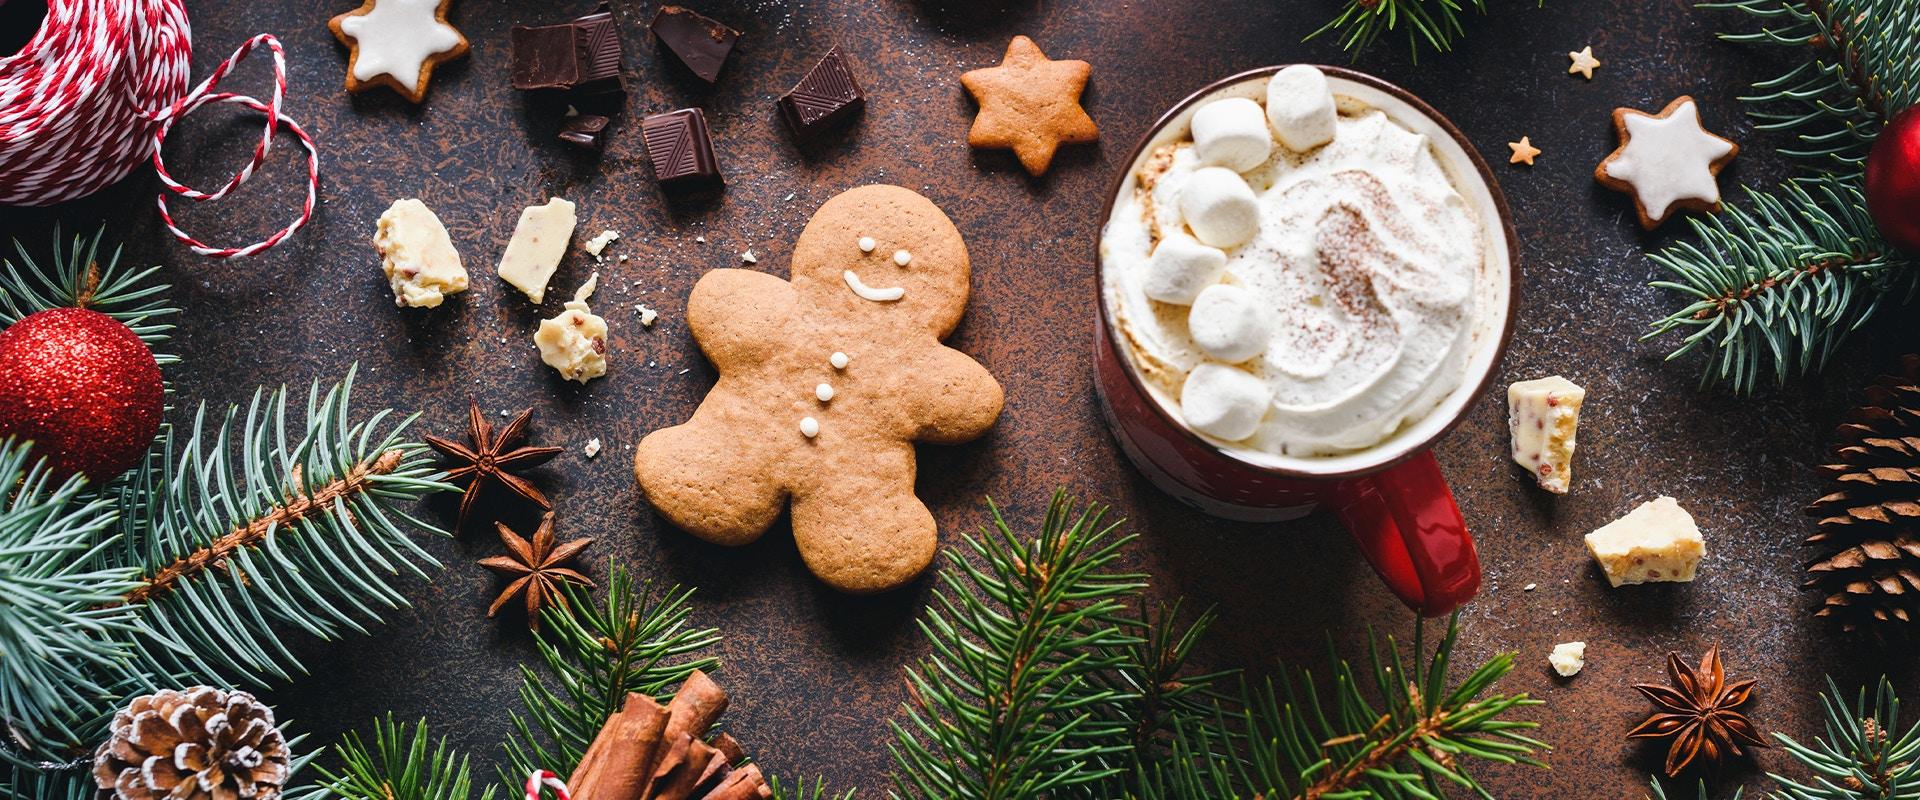 Ein Lebkuchenmann liegt auf einem Tisch. Neben ihm steht eine Tasse mit heißer Schokolade. Um ihn herum liegt Weihnachtsschmuck.